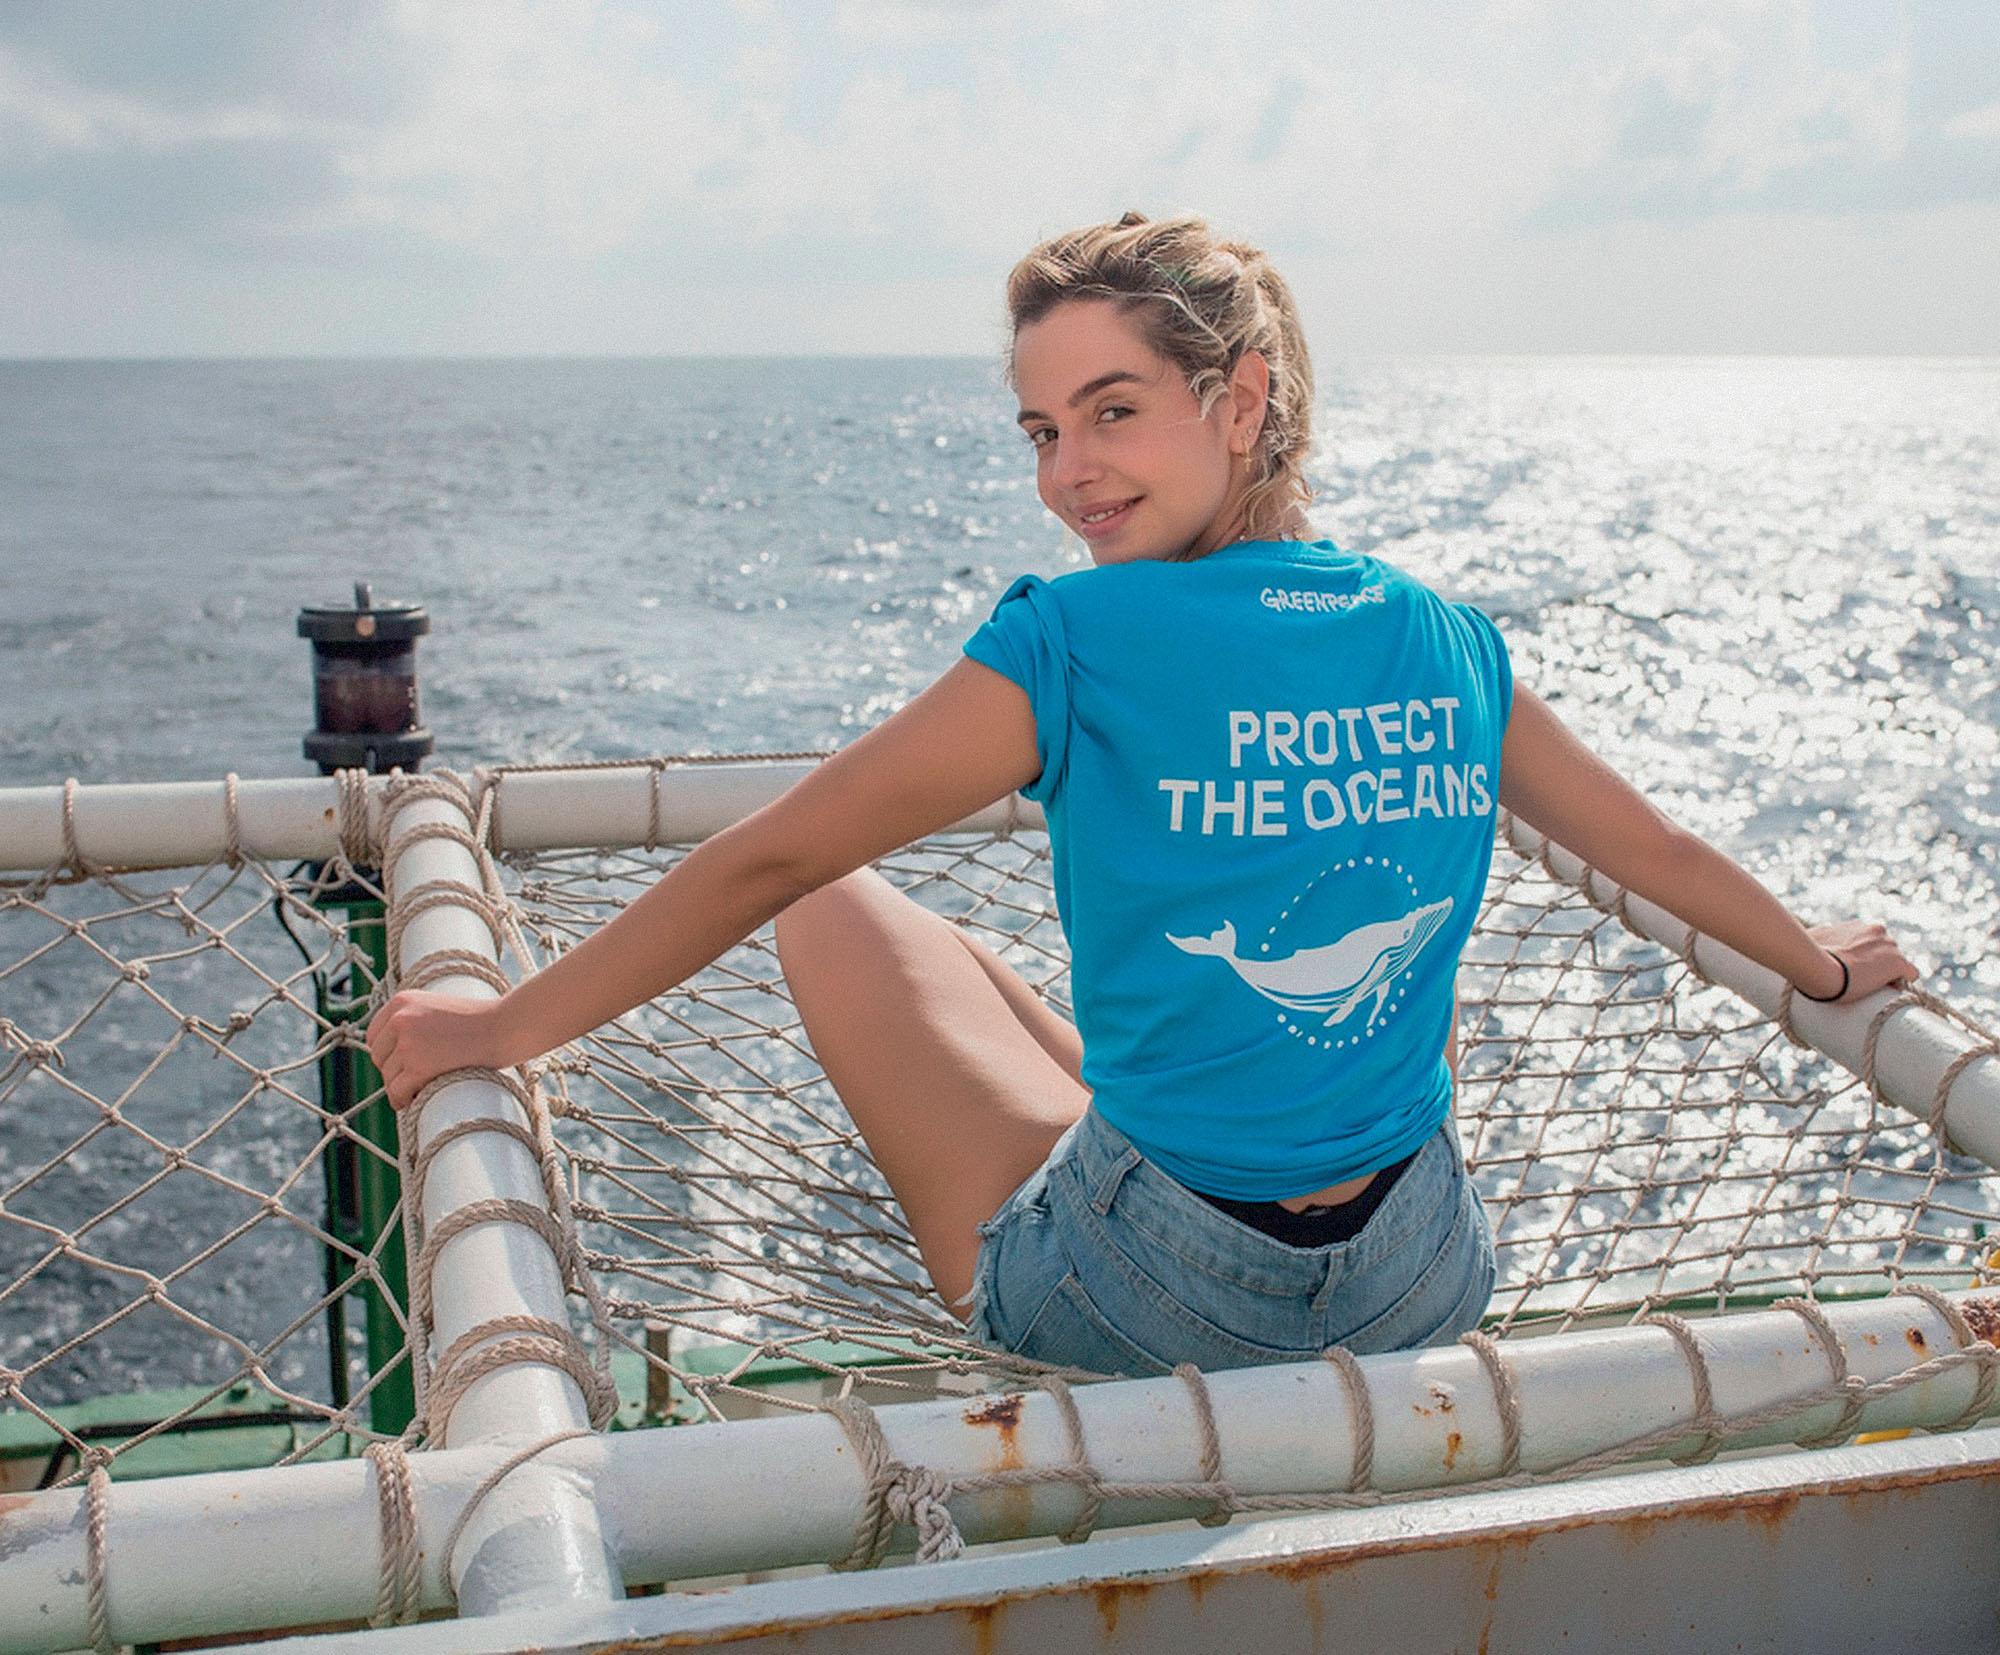 đại dương nữ diễn viên Giovanna Lancellotti